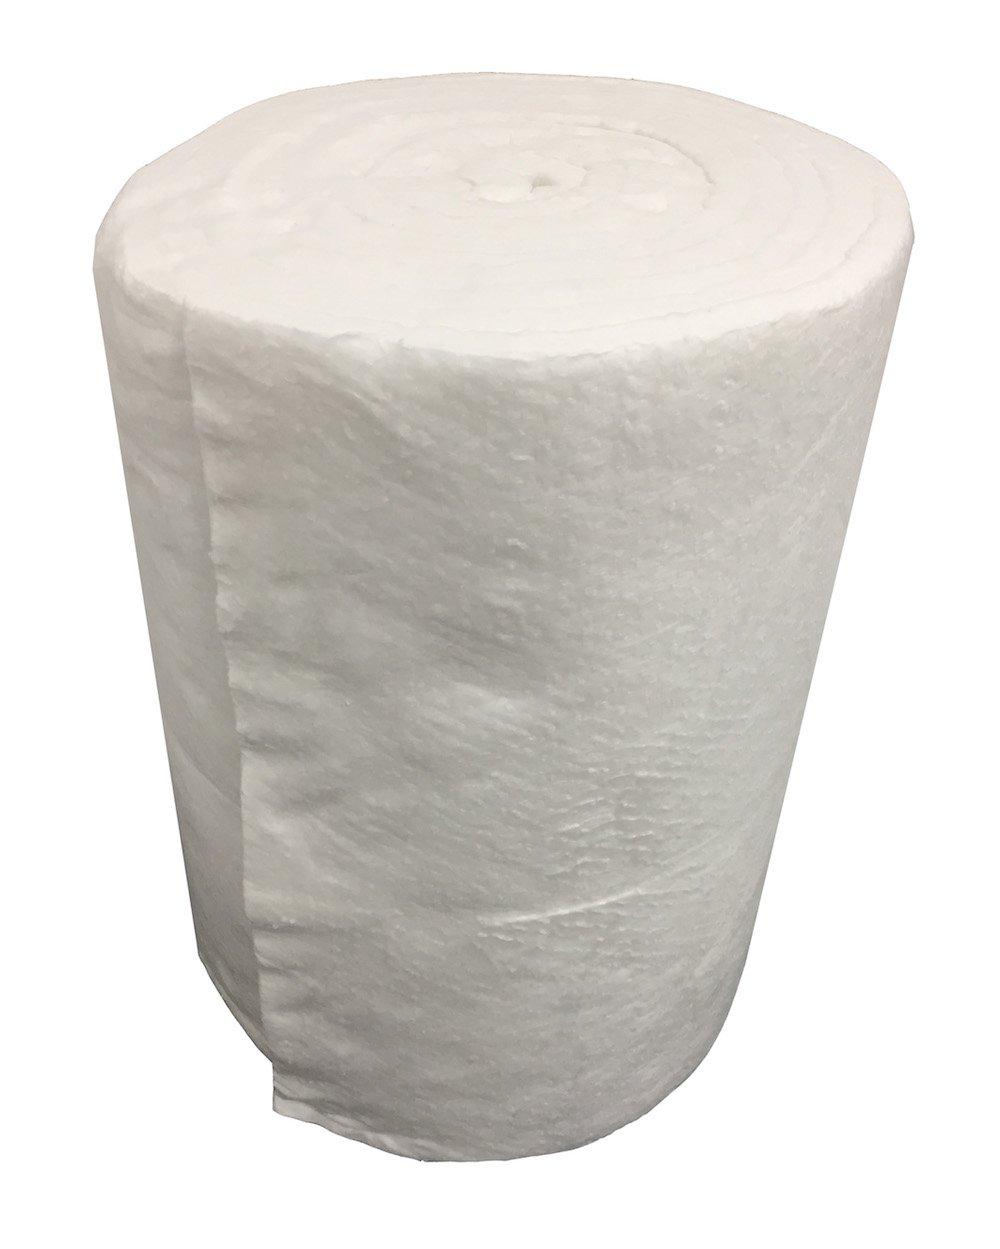 Rollo aislante de fibra de cerá mica, modelo: Eco - Dimensiones del rollo: 7,30 m x 61 cm, grosor: 25 mm, densidad: 64 kg/m3. Einside